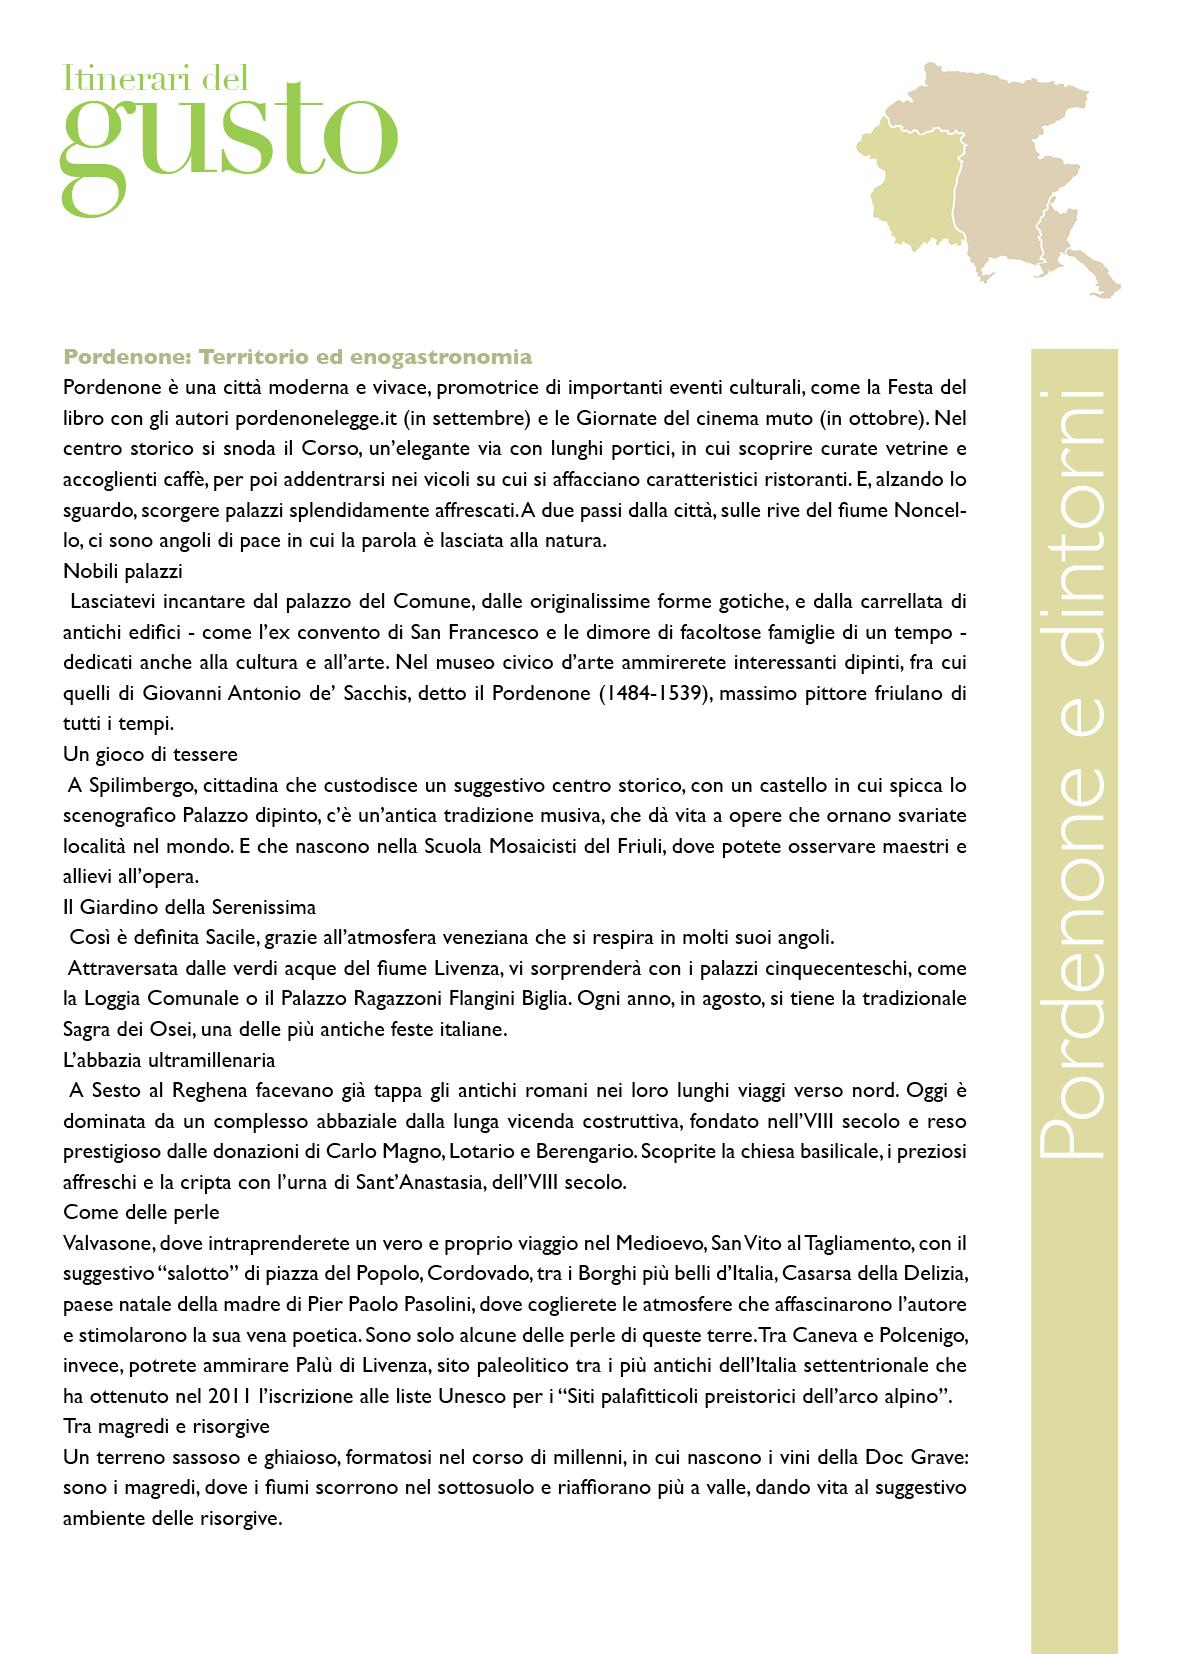 ITINERARI DEL GUSTO 2018-19 pagine singole84